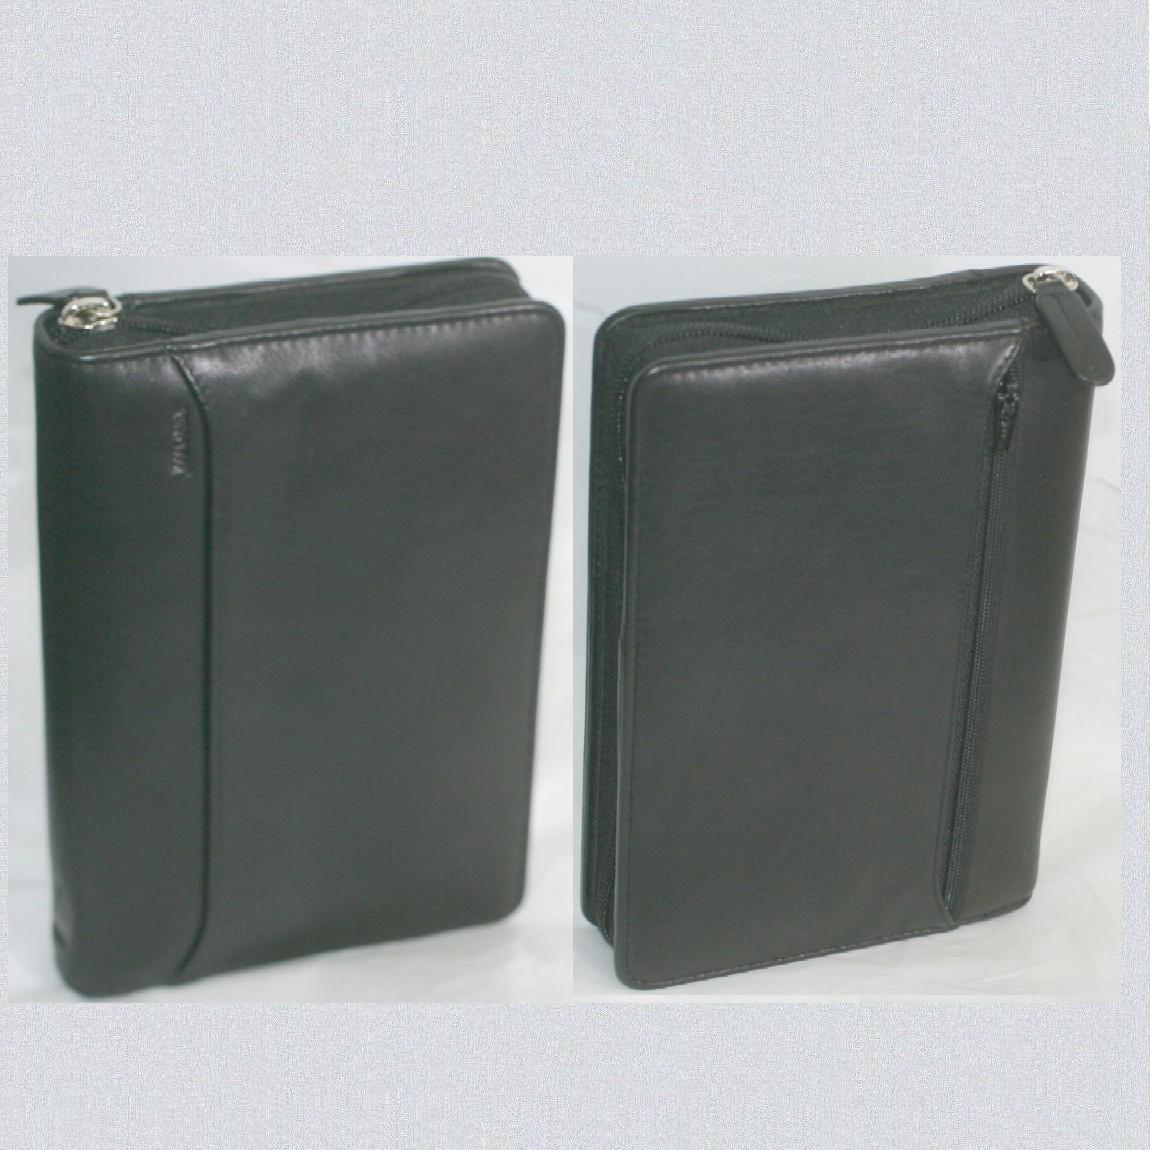 【中古】未使用紳士用ファイロファックス オーガナイザー バイブル ナッパ ブラック サイズW20H13cm